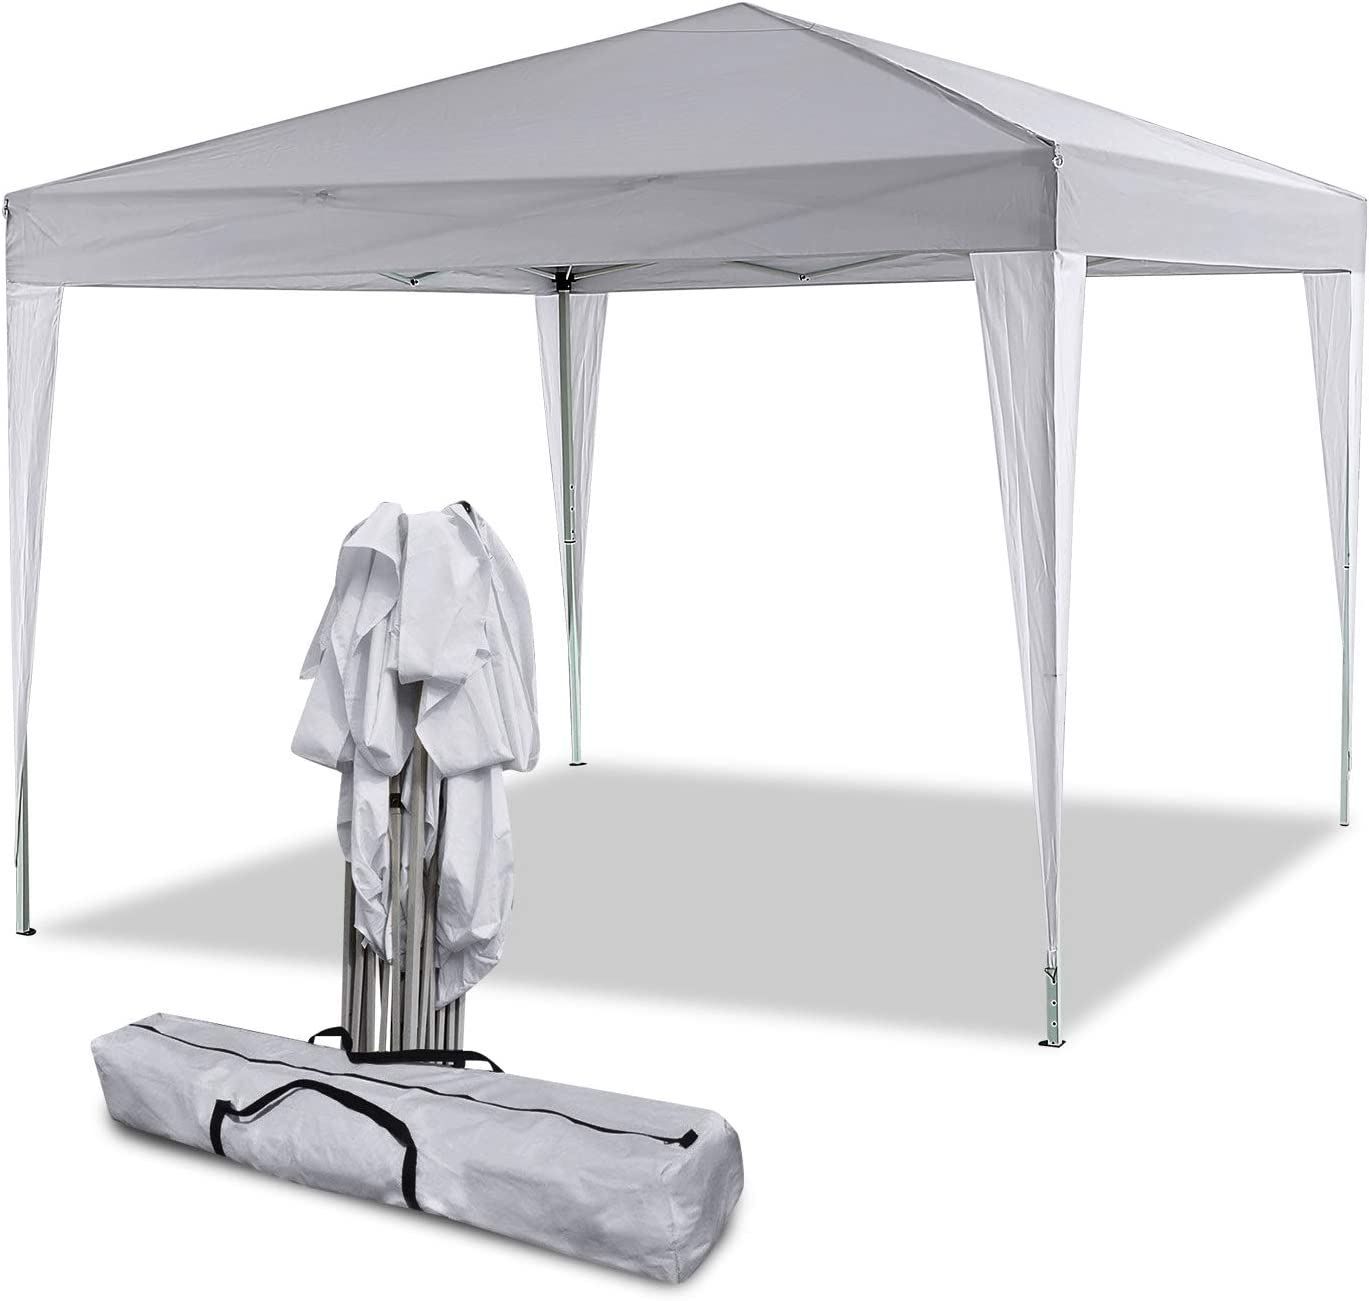 Smibie Tenda Padiglione Pieghevoli Impermeabile 3x3m//3x6m Tenda per tettoia pergola Pieghevole con pareti Laterali e finestre per Feste Eventi di Nozze nel Giardino Patio Esterno 3M*3M, Bianco